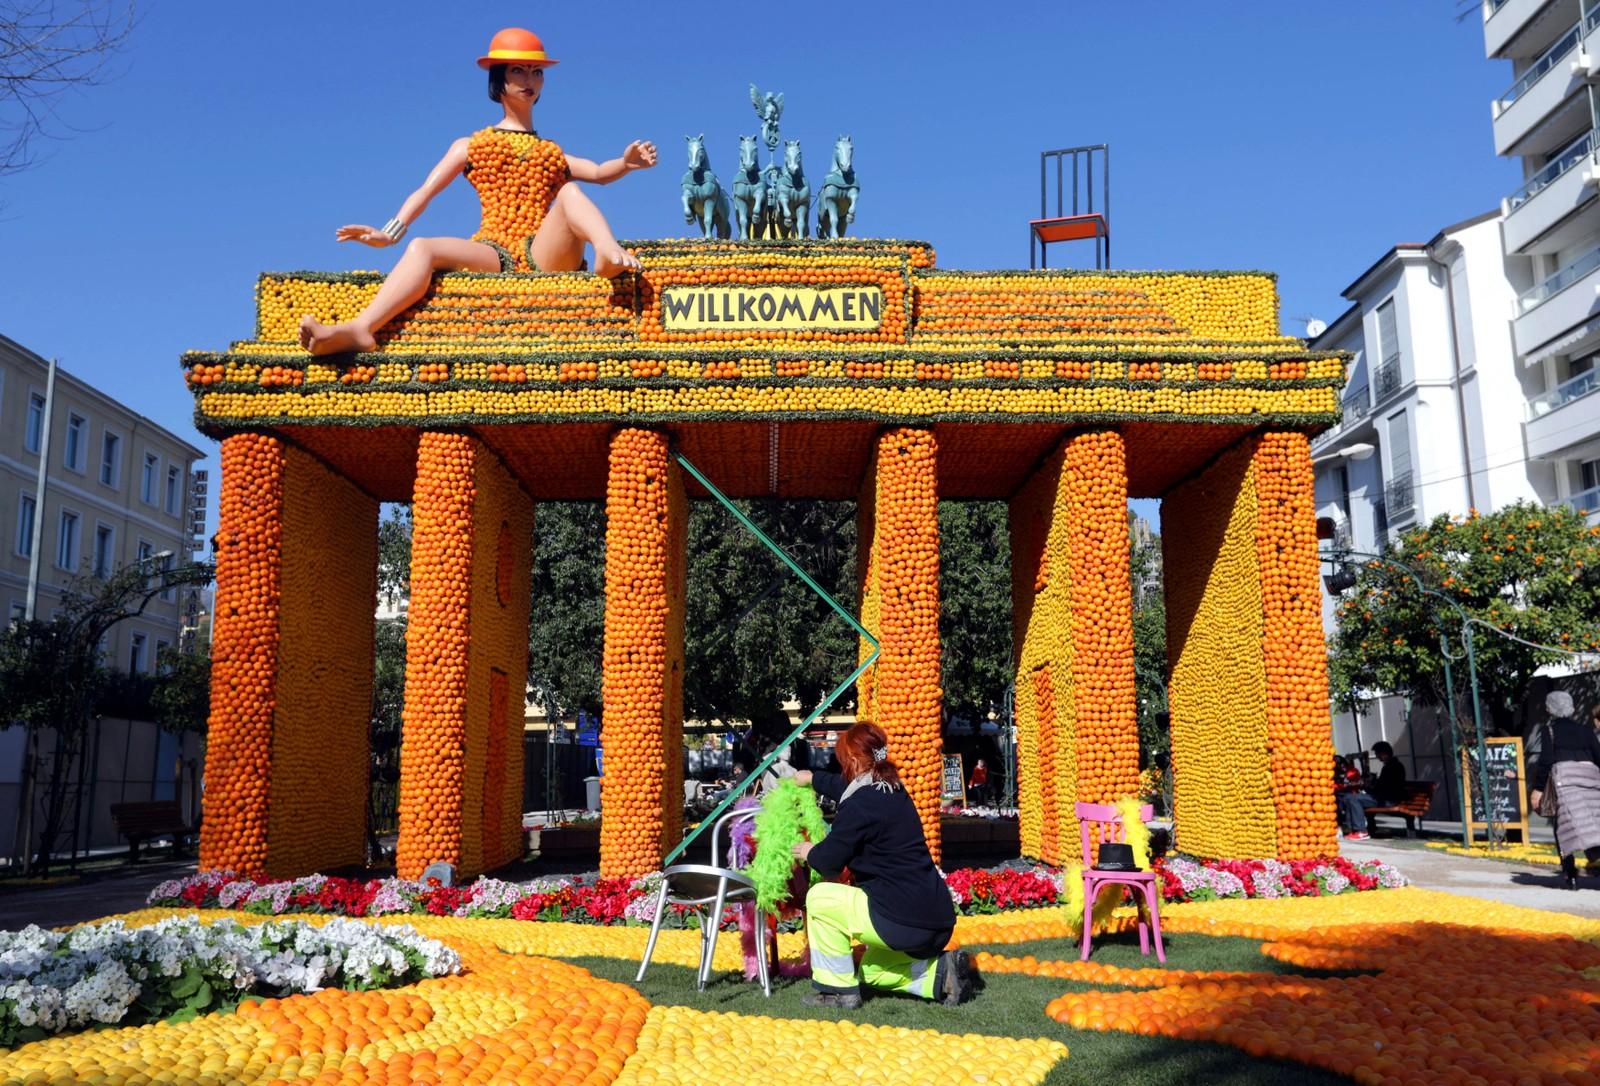 Dette er en skulptur inspirert av musikalen Cabaret. Den er laget av appelsiner og sitroner i forbindelse med den 84. sitronfestivalen i Menton i Frankrike. Temaet i år er Broadway.